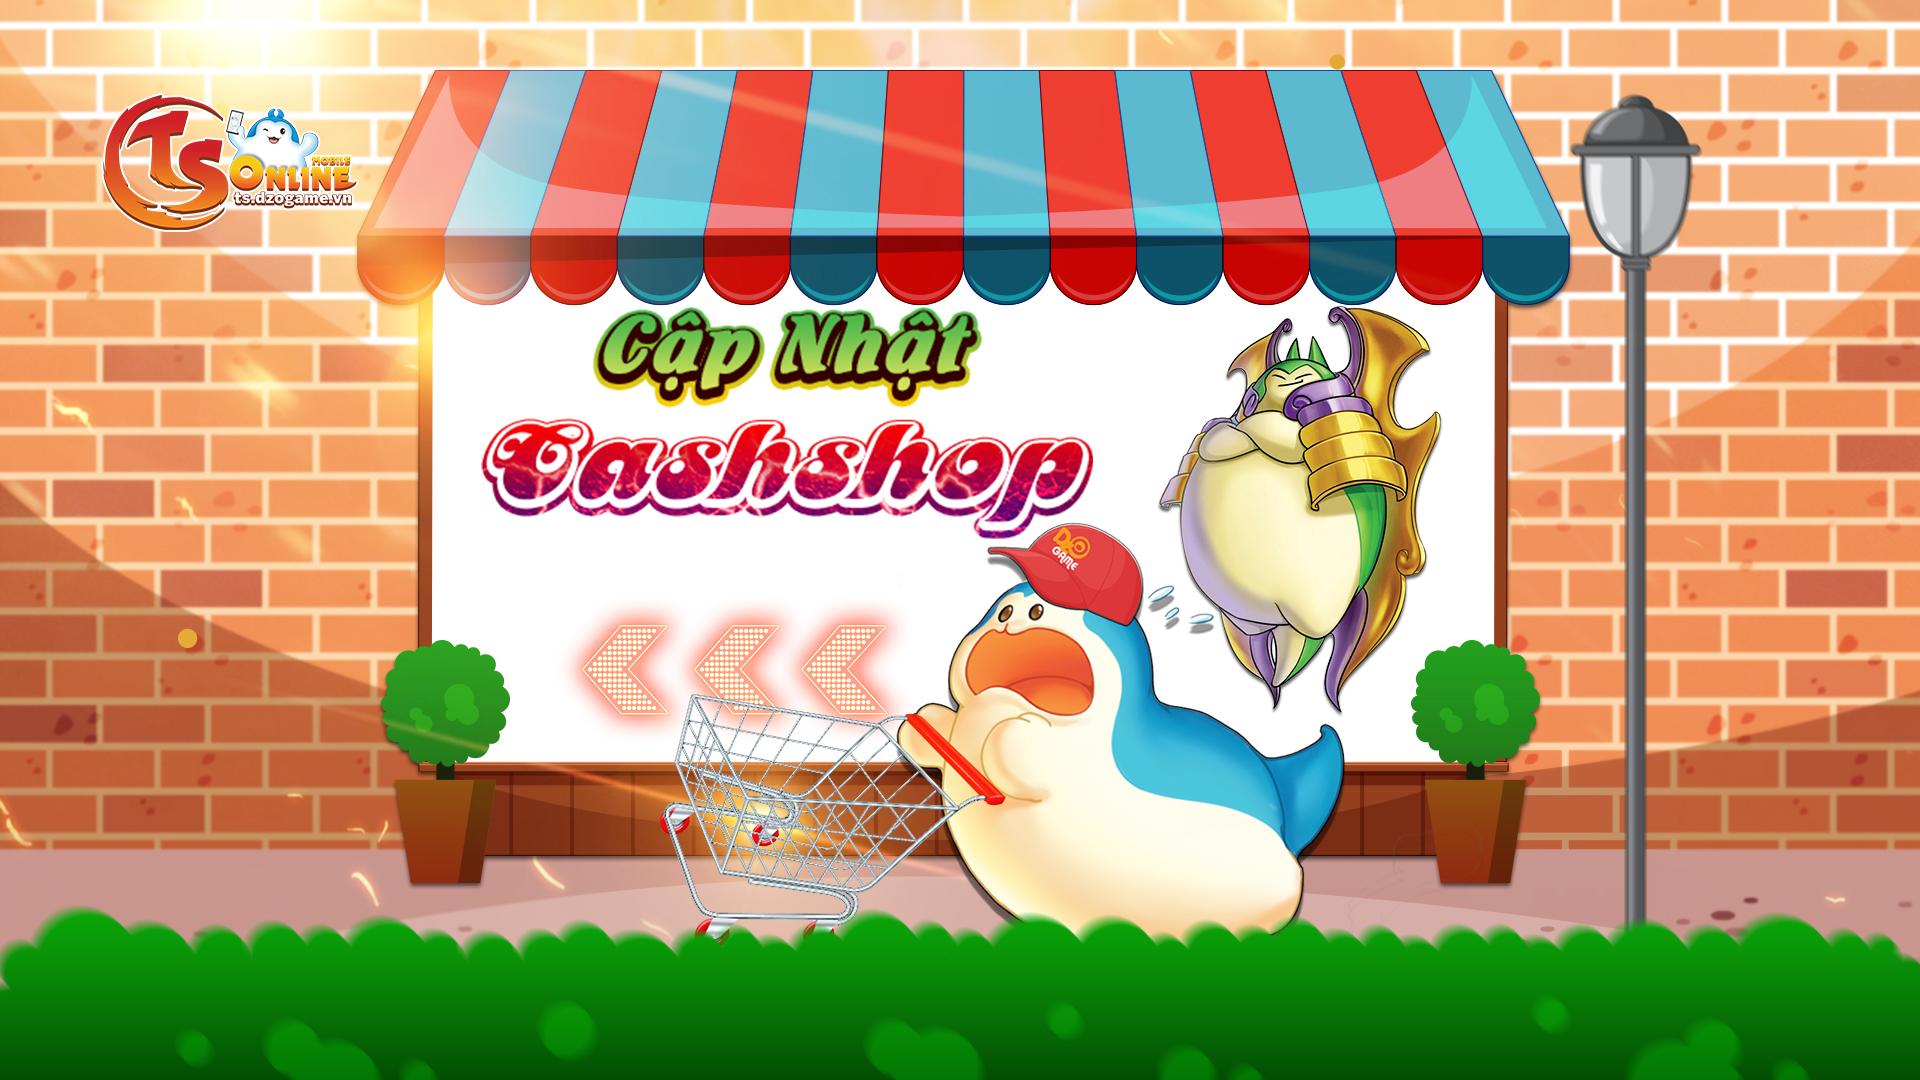 Cập nhật Cashshop ngày 08/07